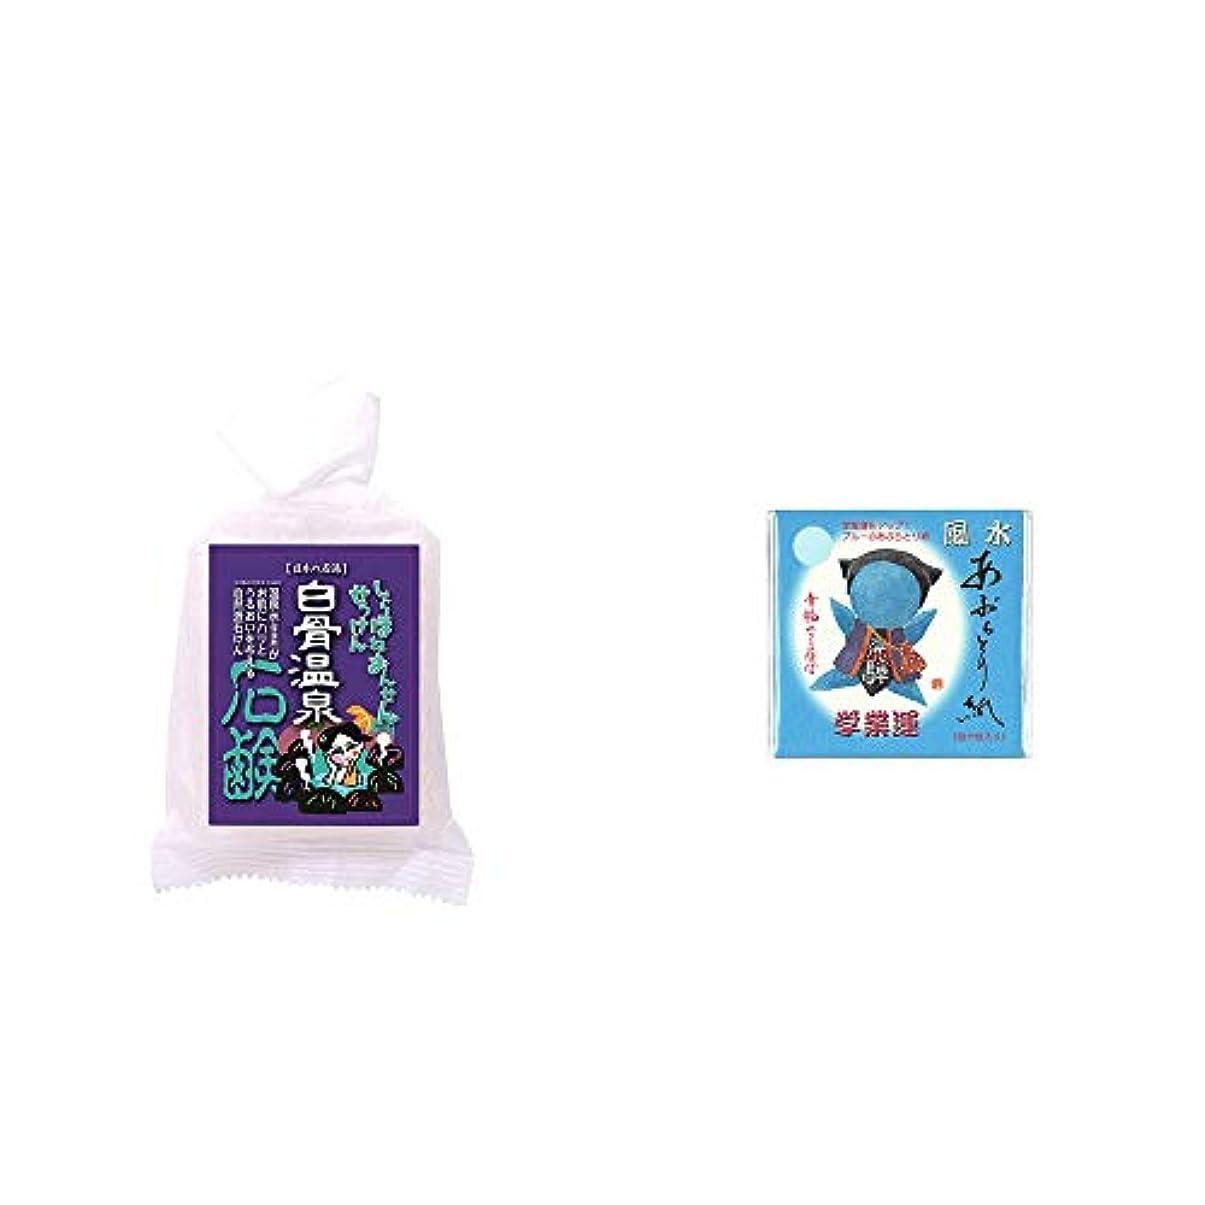 グロー効能原子炉[2点セット] 信州 白骨温泉石鹸(80g)?さるぼぼ 風水あぶらとり紙【ブルー】